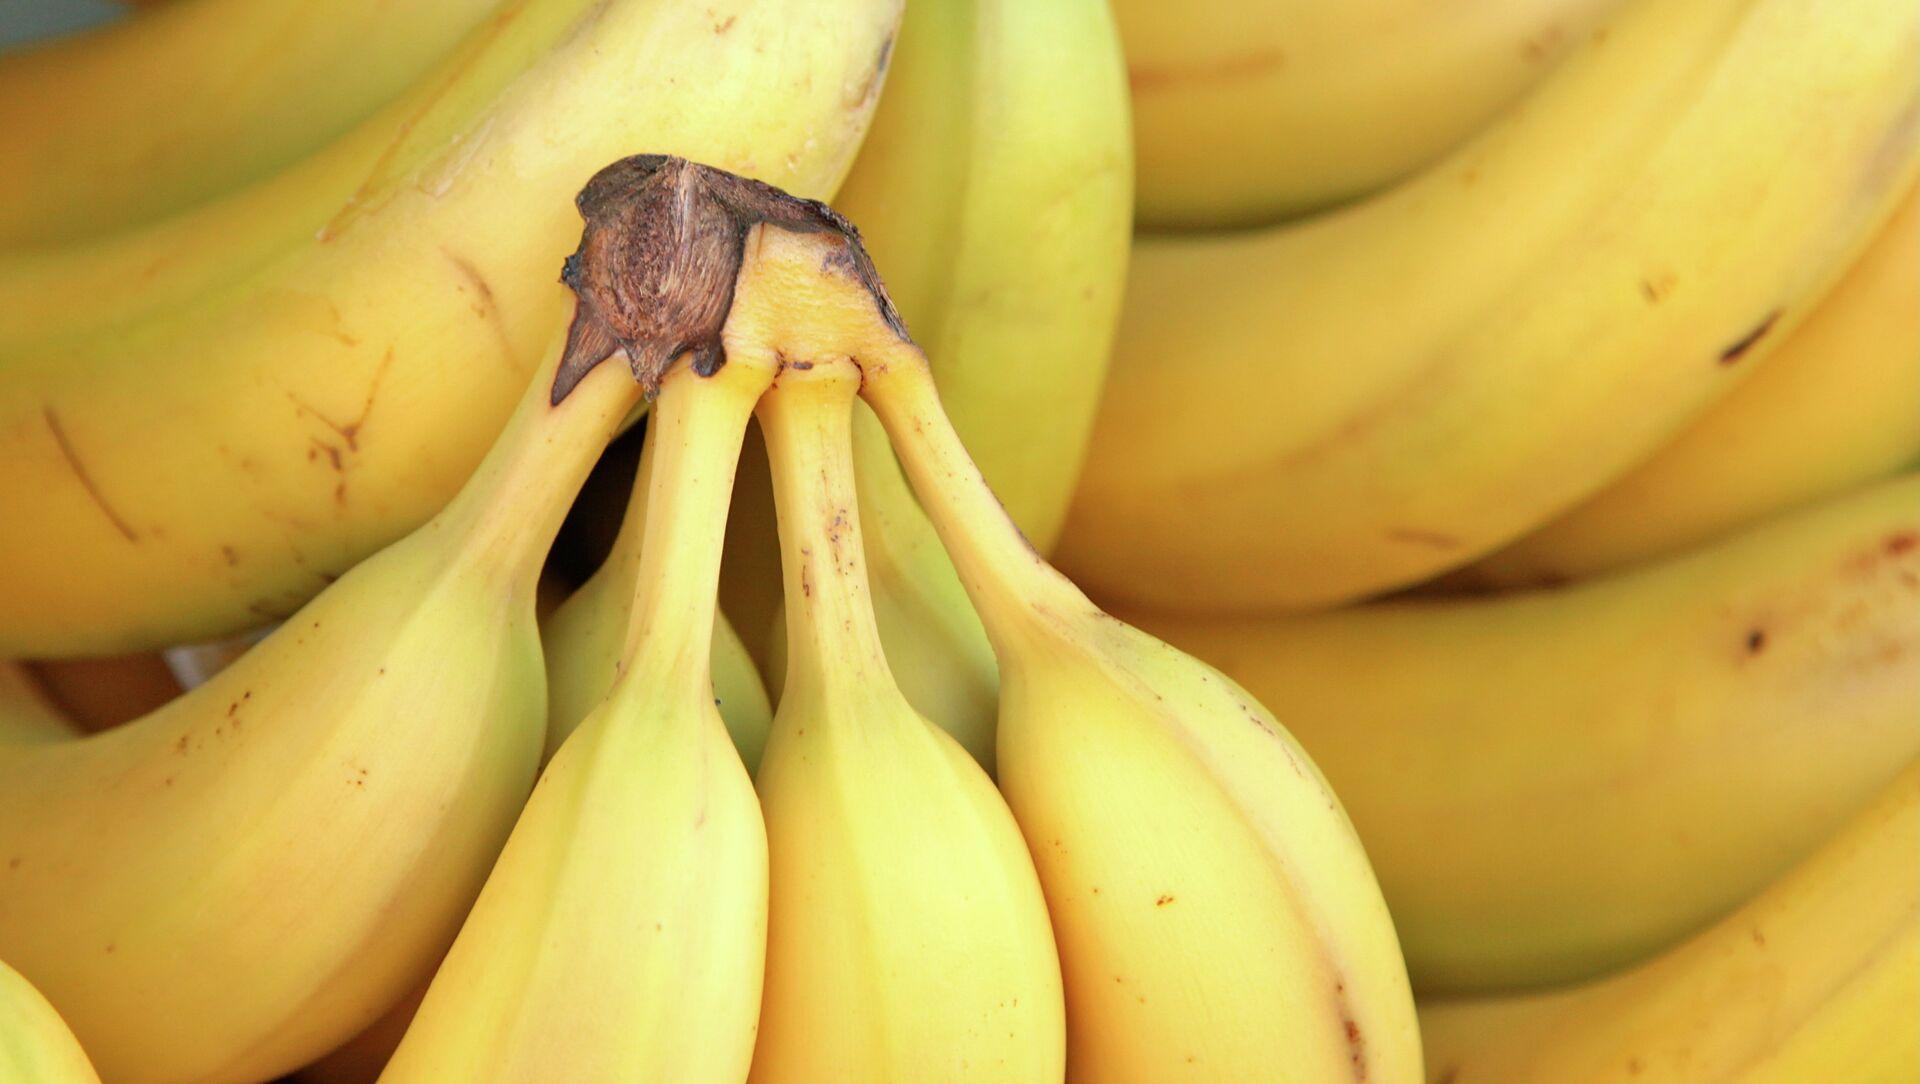 Bananas (imagen referencial) - Sputnik Mundo, 1920, 31.10.2017